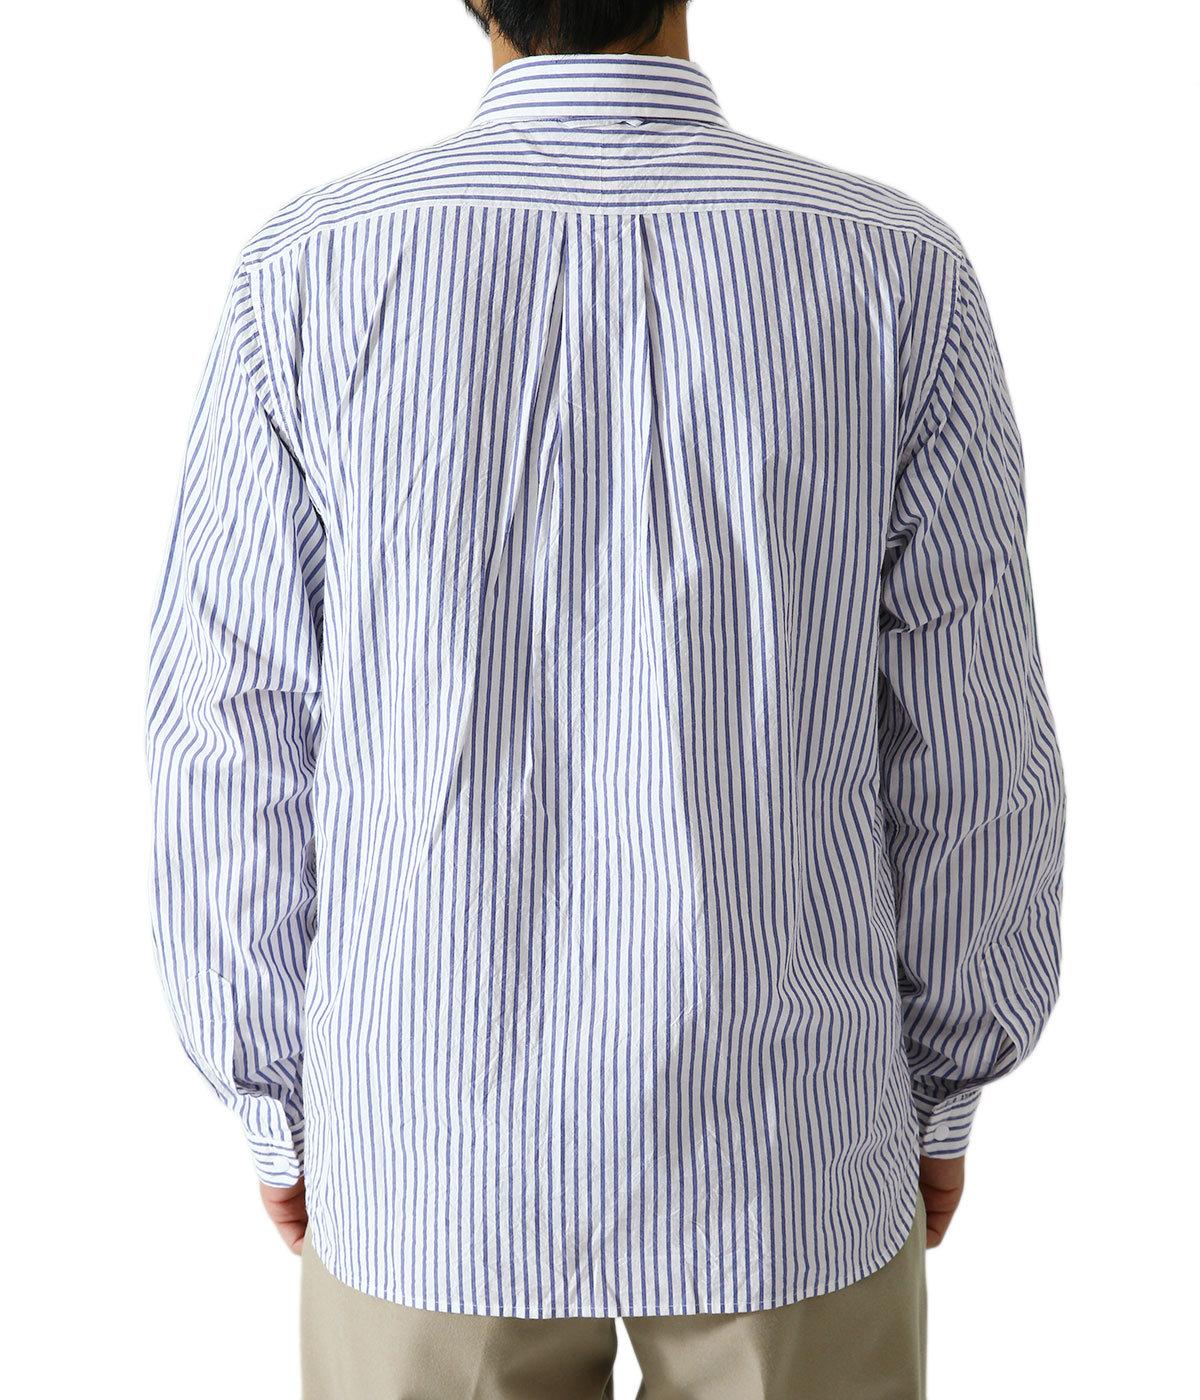 コンフォートシャツ スタンダード - 10151 -